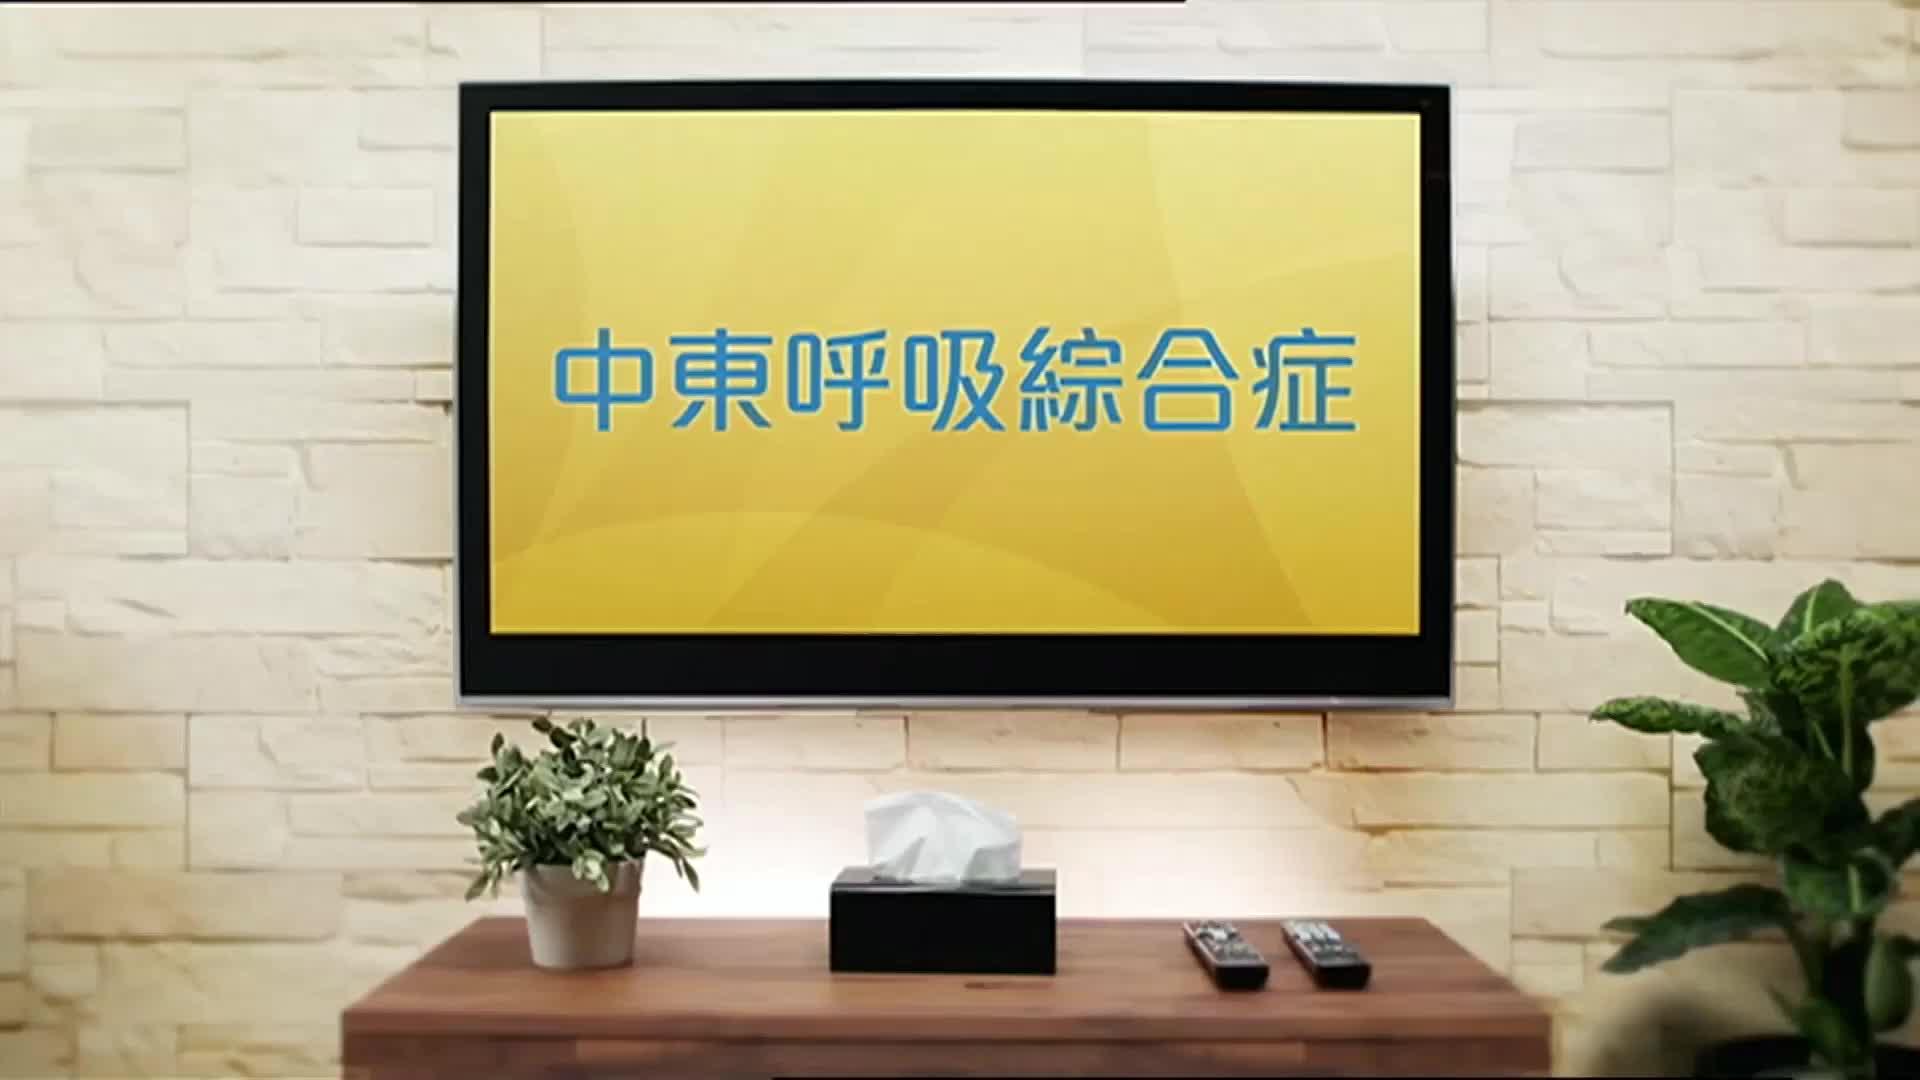 央视广告欣赏-预防中东呼吸综合症